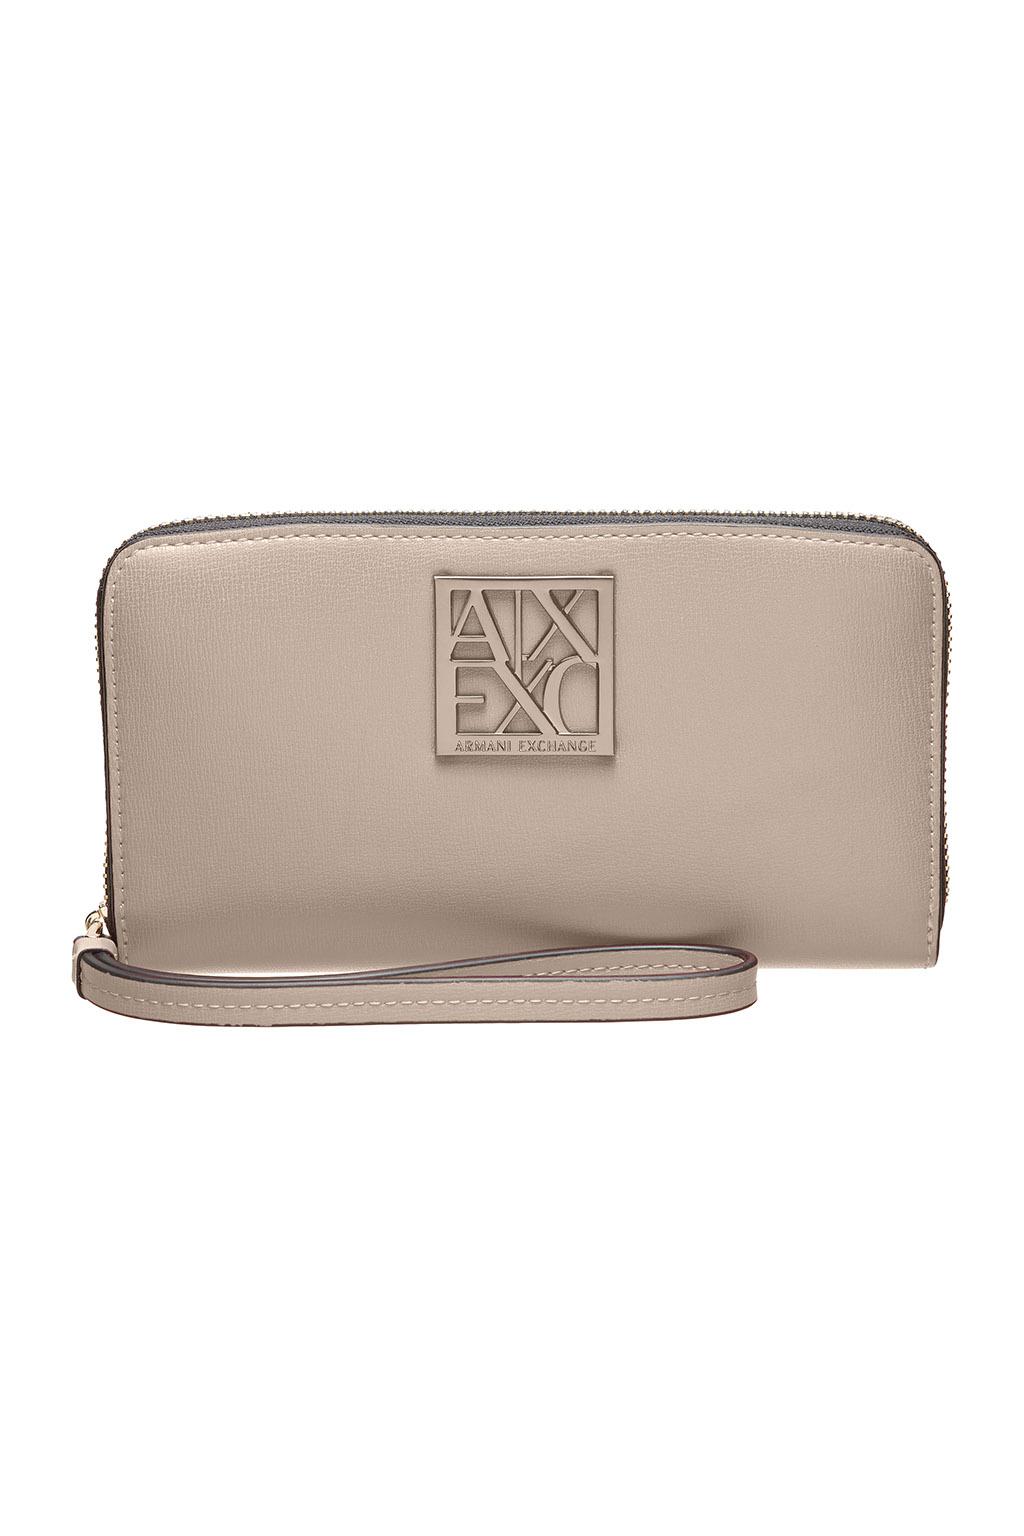 Portafoglio donna ARMANI EXCHANGE con zip e placca logo